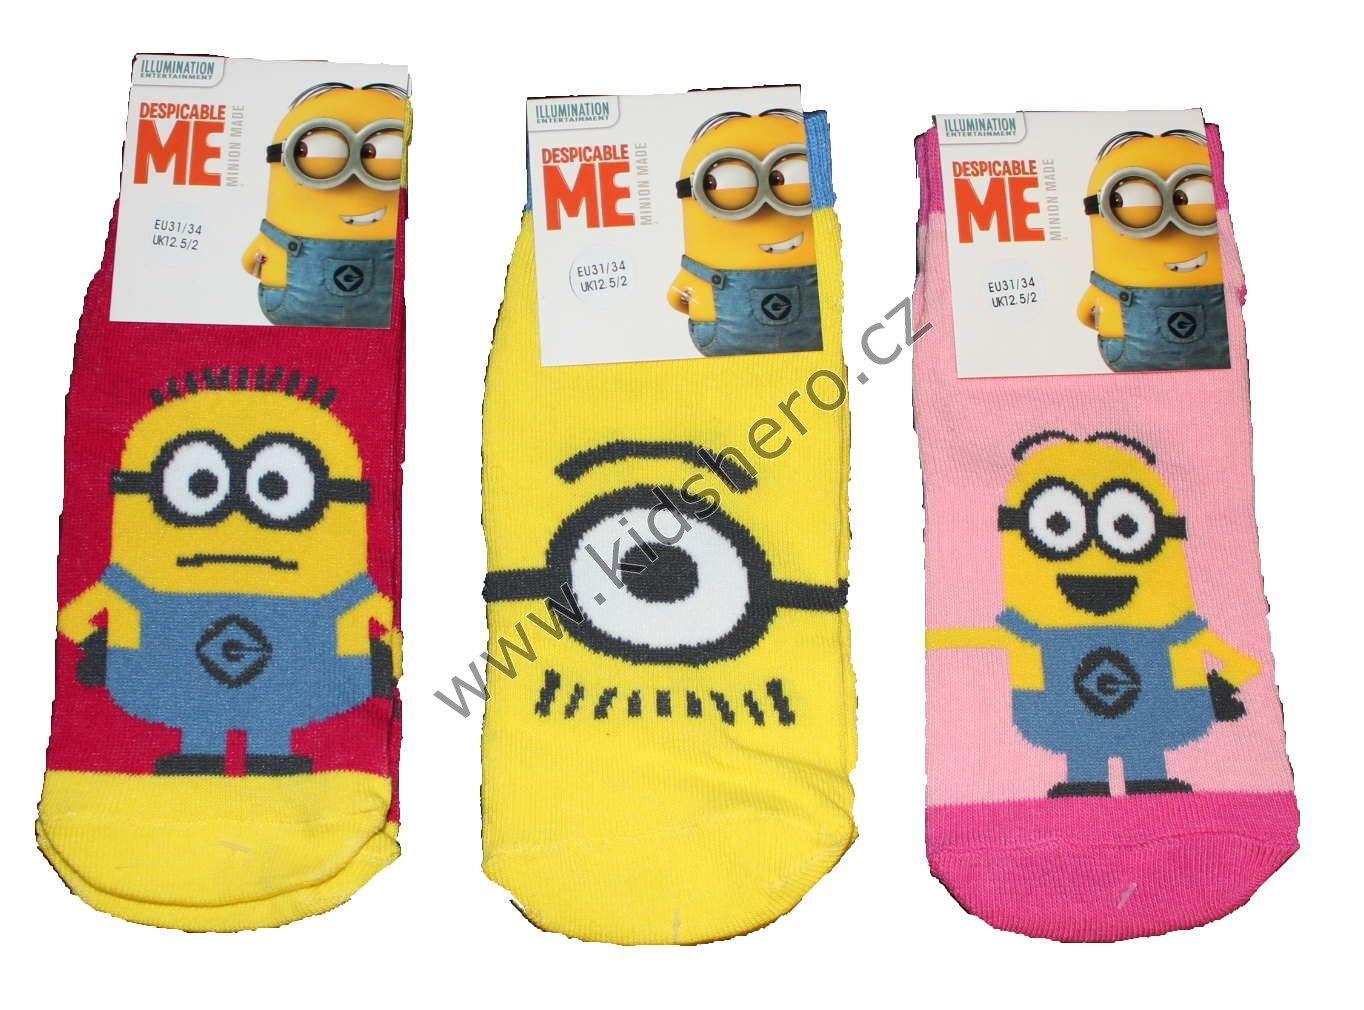 Dětské ponožky Mimoni dívčí Despicable Me